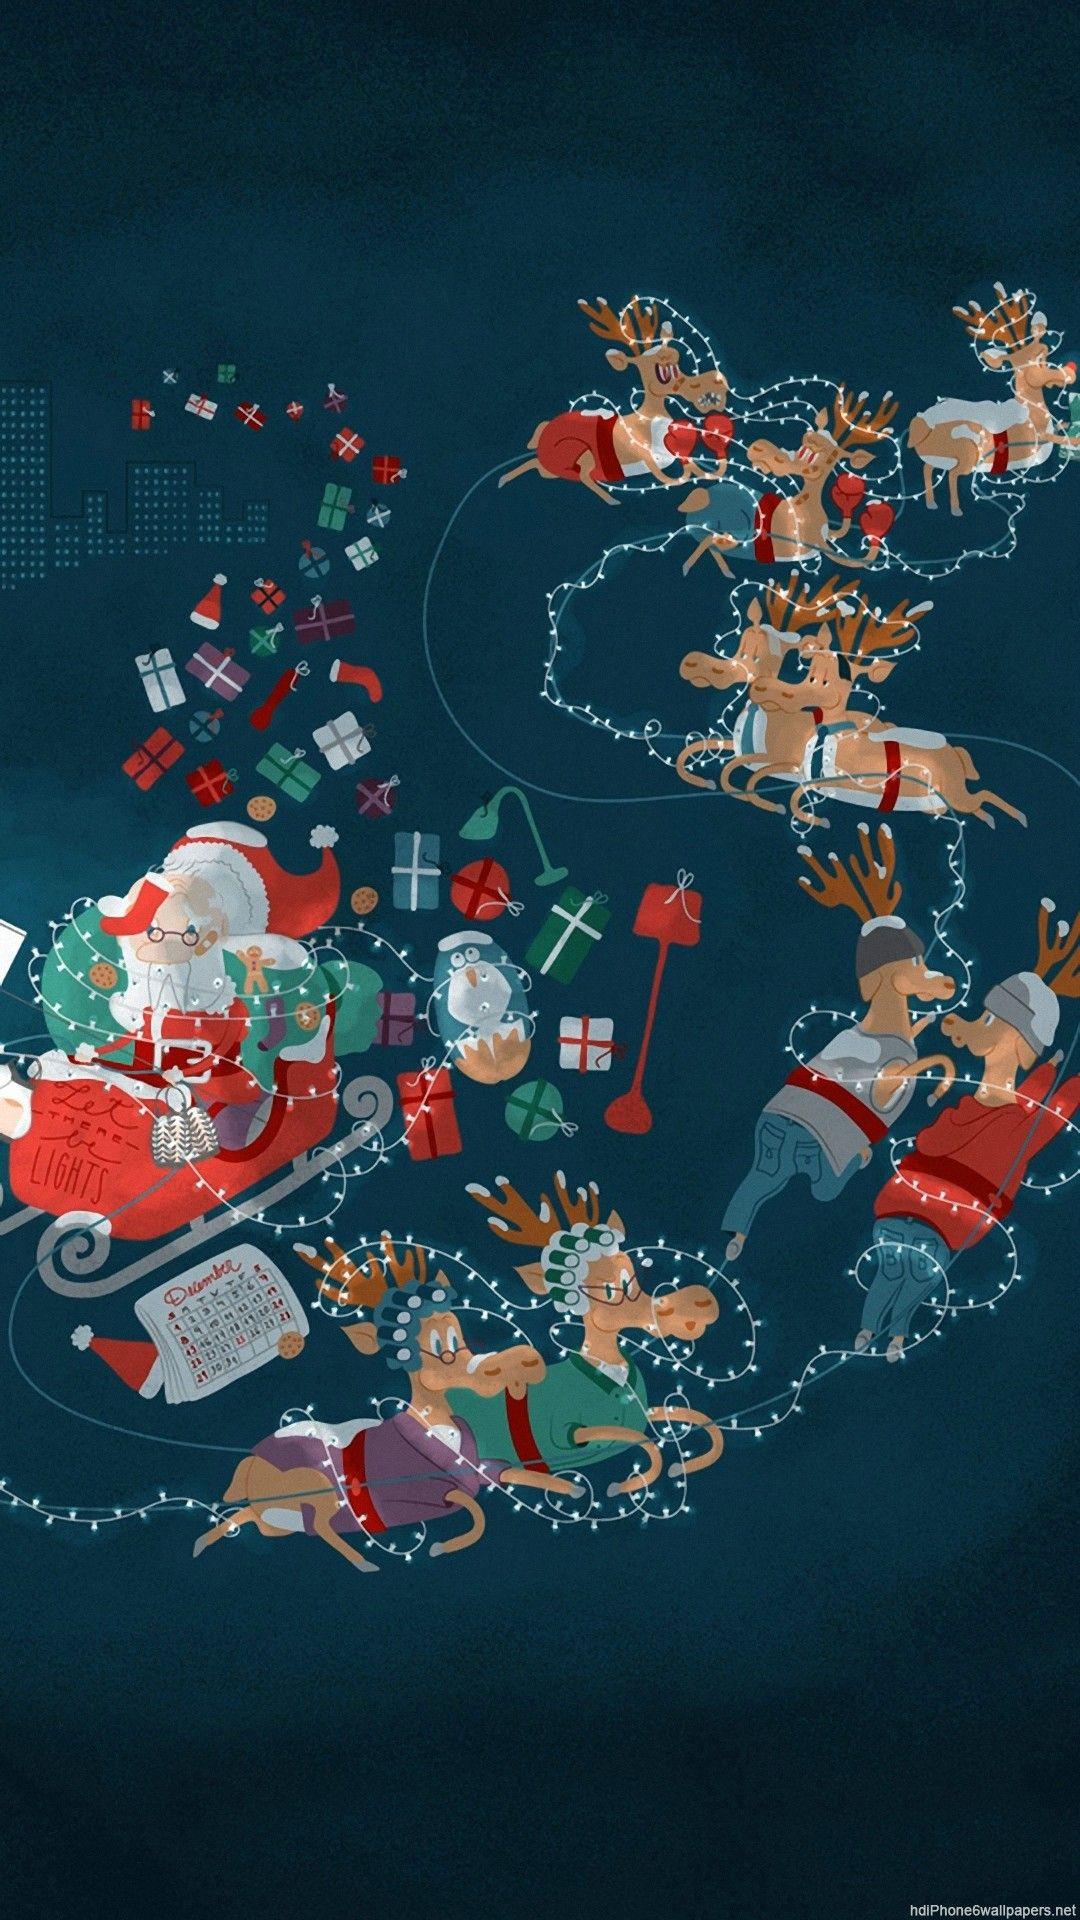 Christmas Iphone 7 Plus Wallpaper Wallpaper Iphone Christmas Christmas Wallpaper Hd Christmas Wallpaper